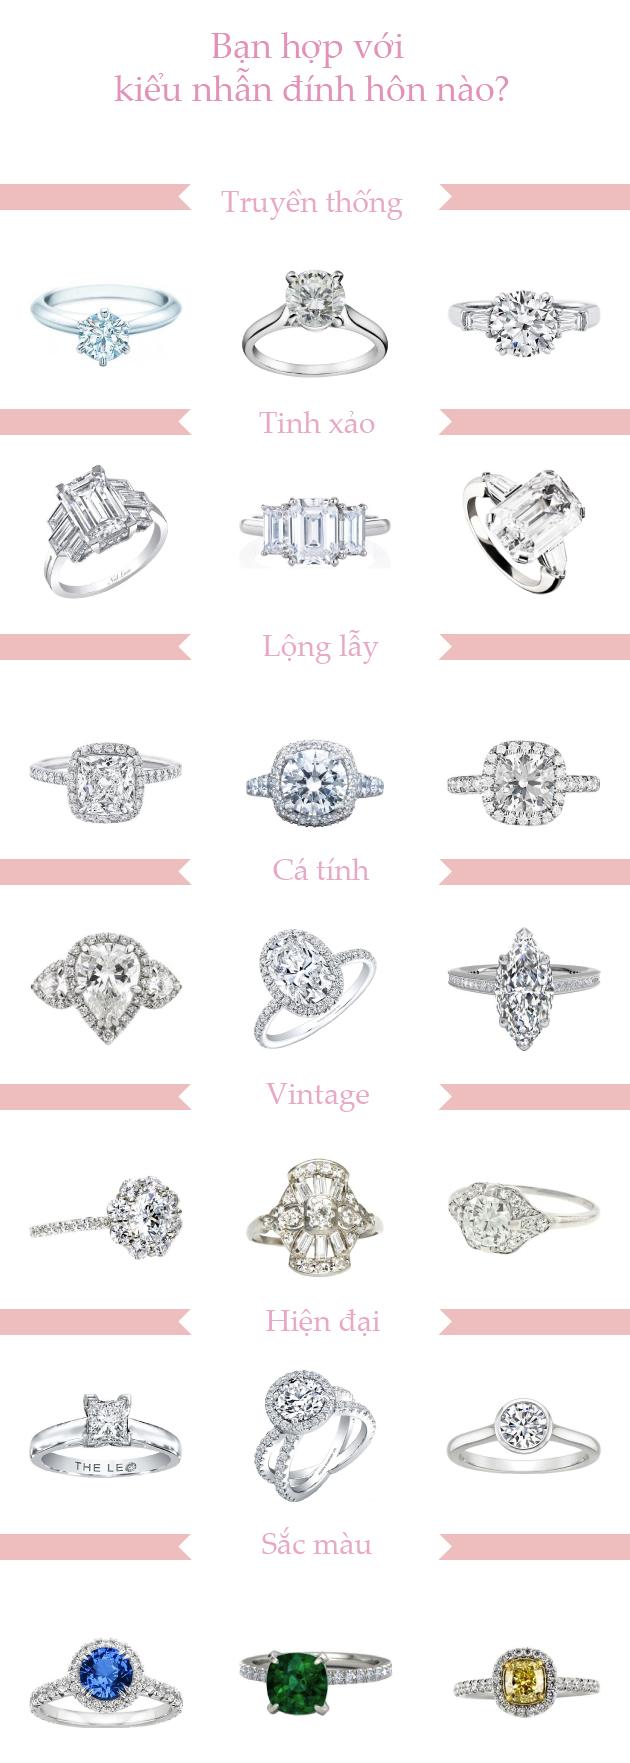 Chọn kiểu nhẫn đính hôn hợp với cô dâu